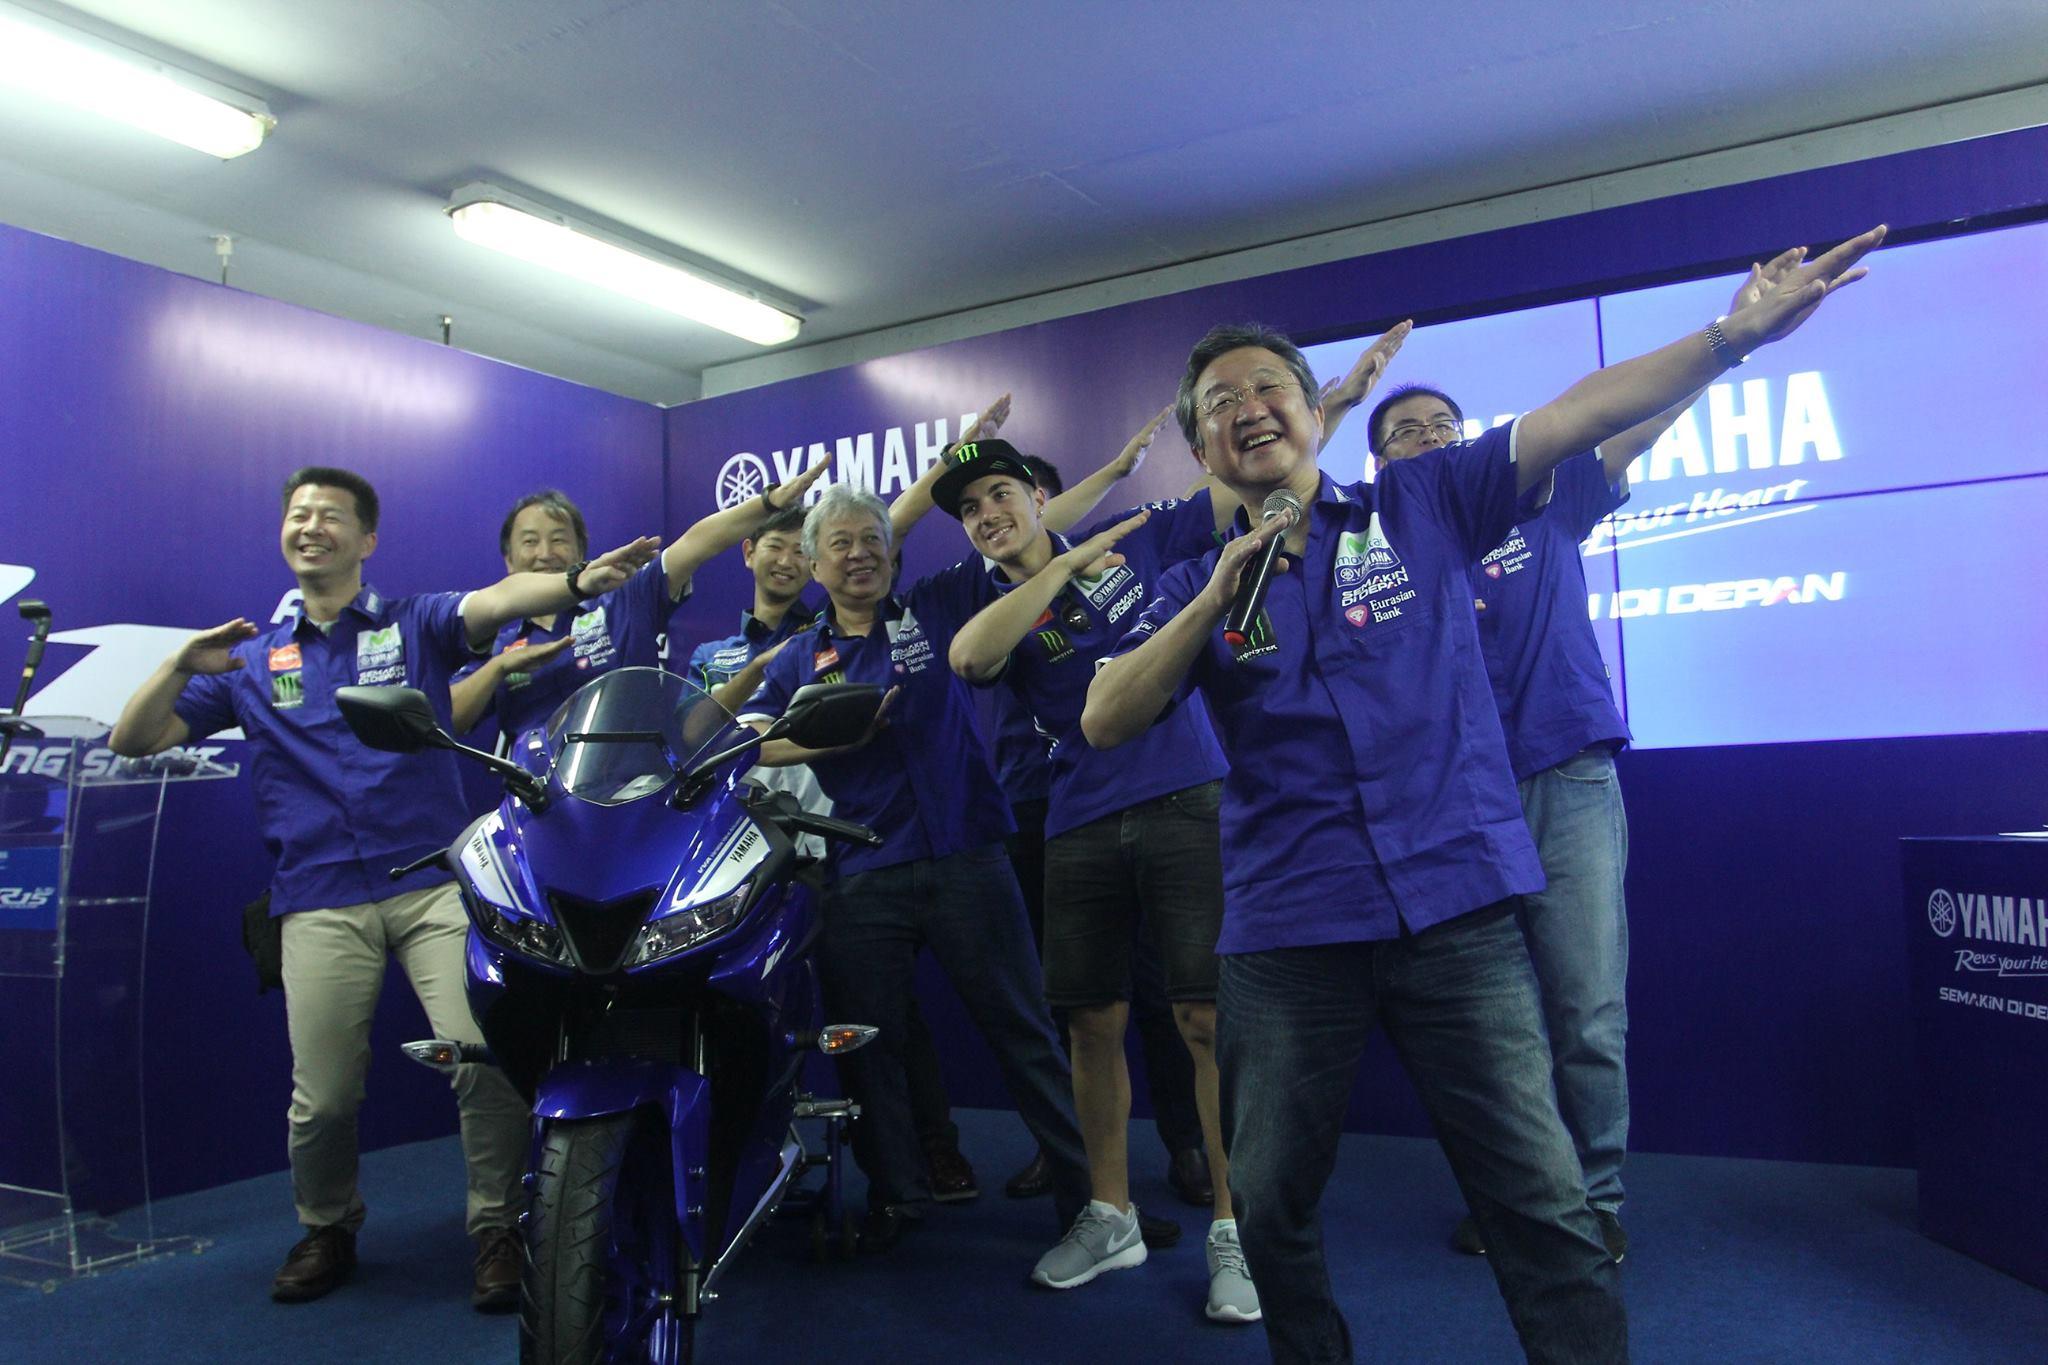 Yamaha-R15-V3.0